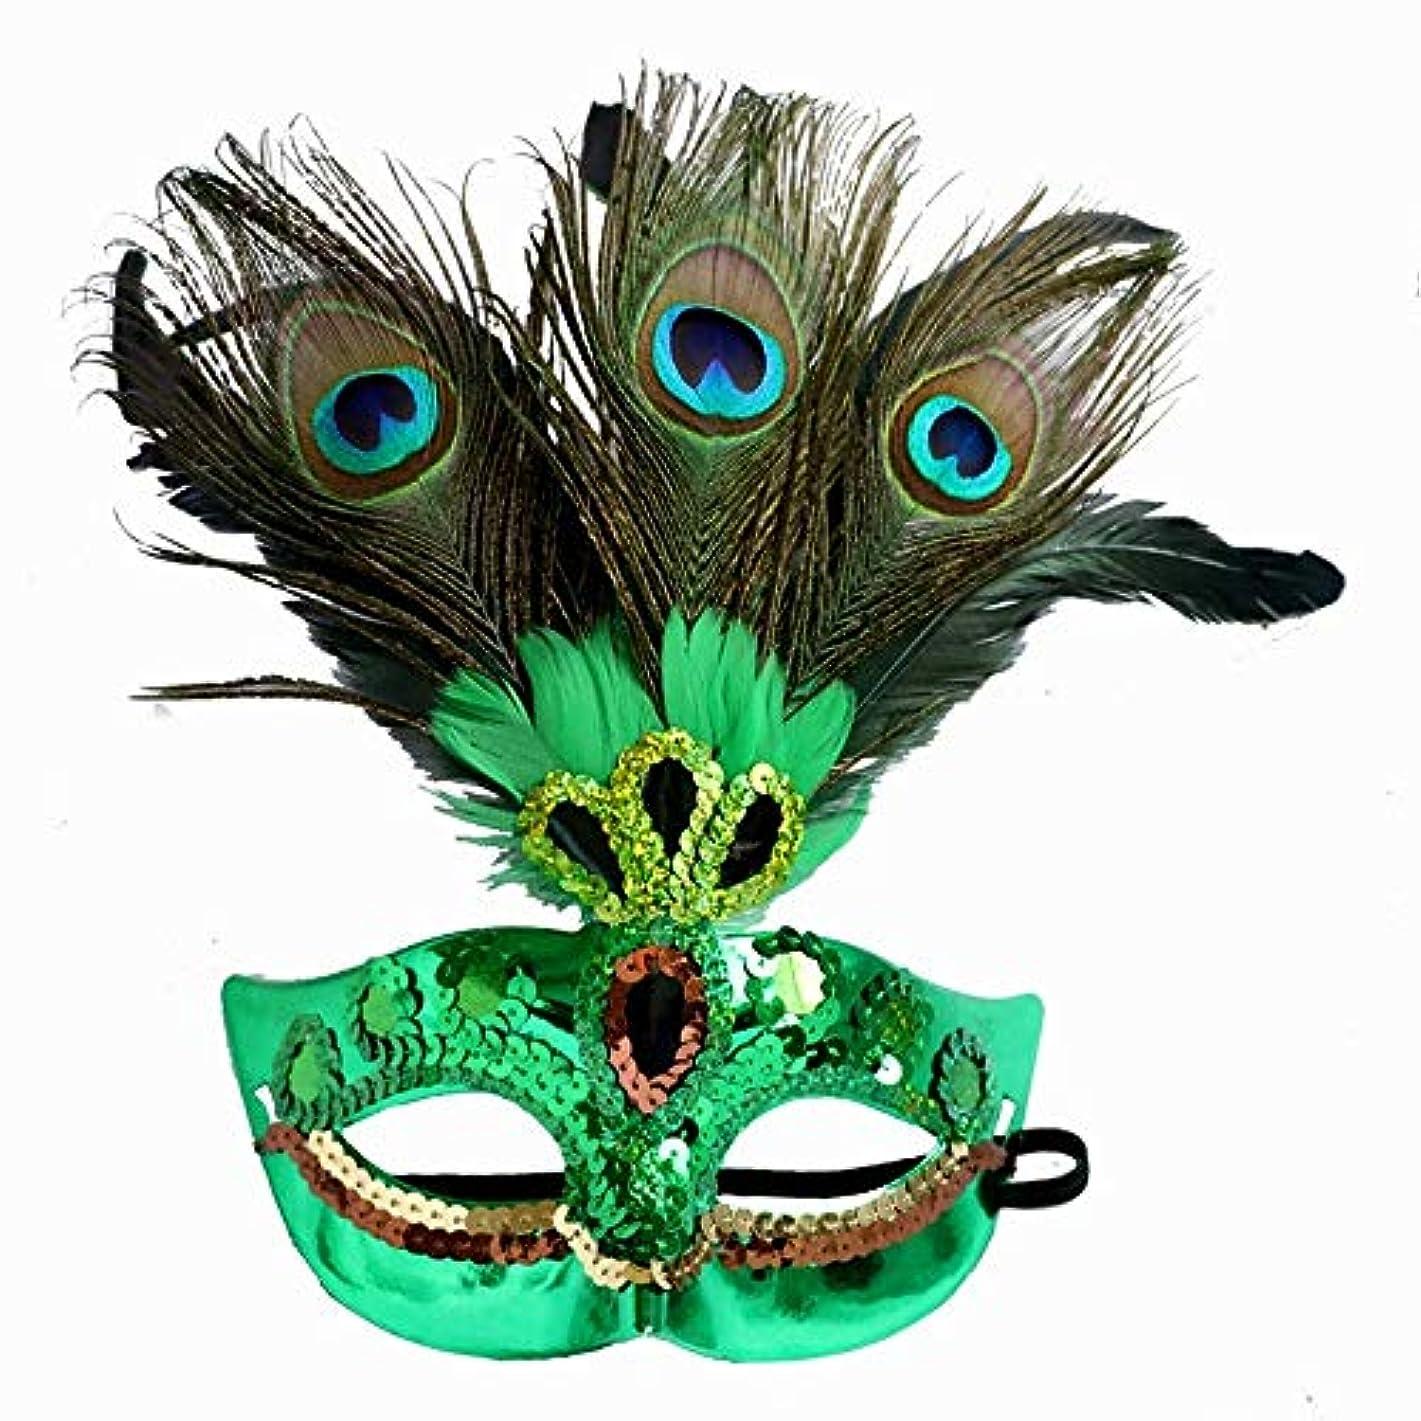 意欲に同意する成熟したダンスマスク 仮面舞踏会マスククジャクの羽パーティー衣装ハロウィンマスクボール目猫女性マスクハーフマスク パーティーボールマスク (色 : 緑, サイズ : 18x25cm)